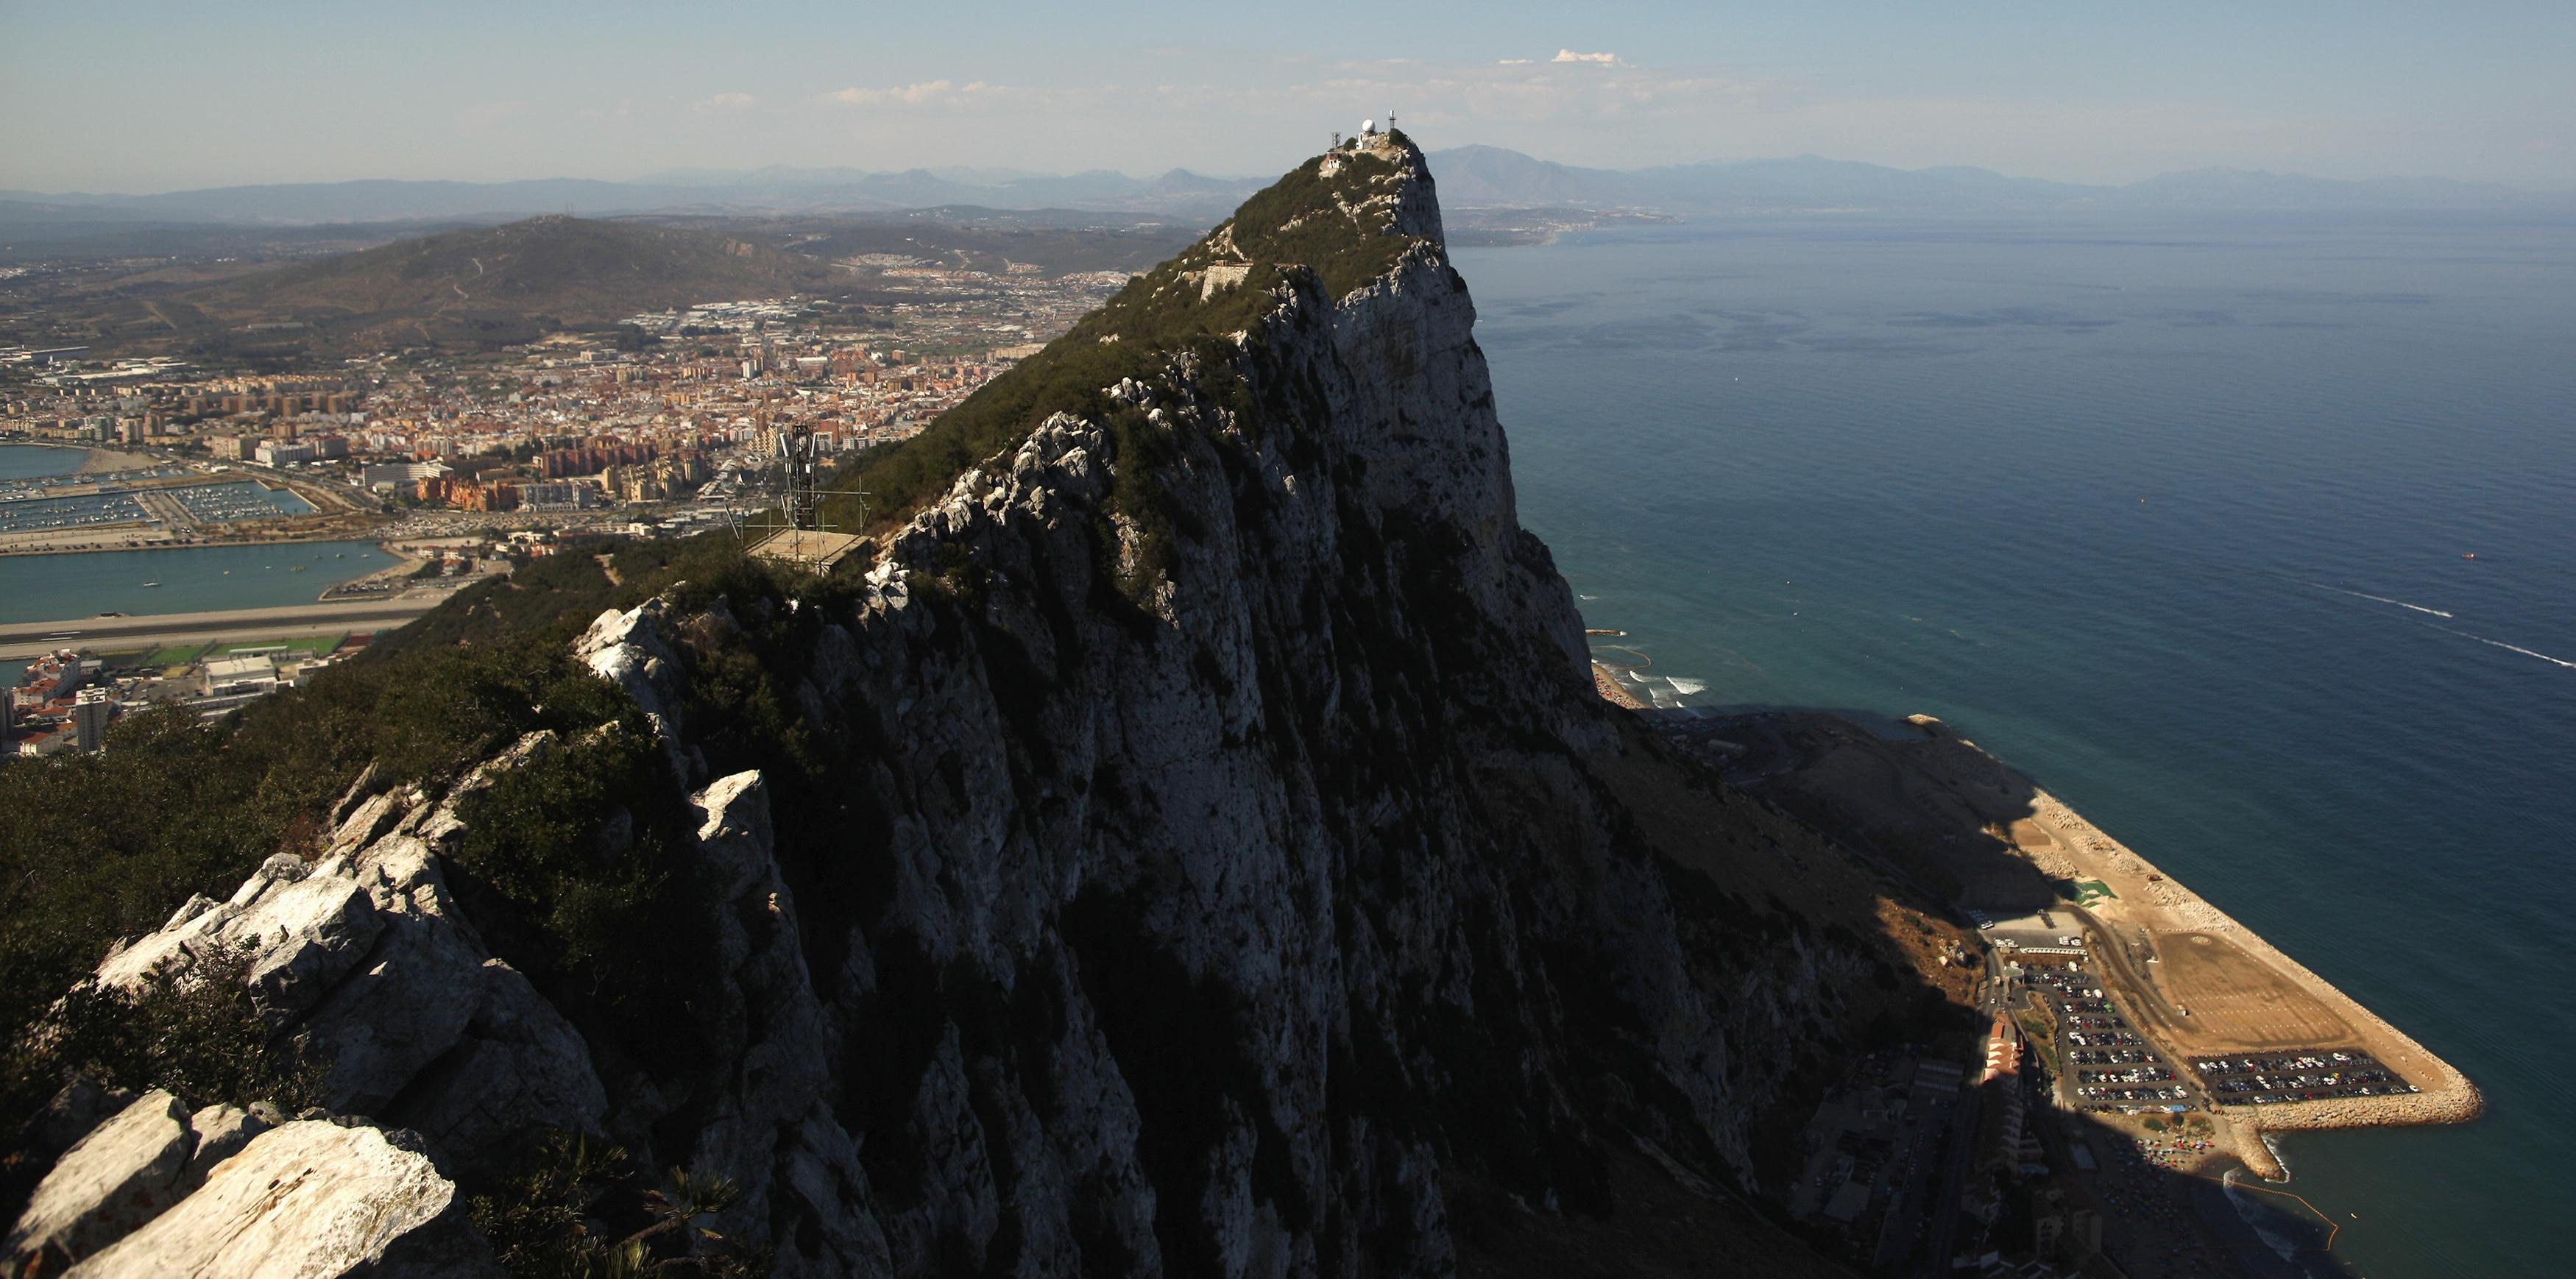 Tensions Espagne/Royaume-Uni sur Gibraltar: Bruxelles n'a pas de «preuves» contre Madrid